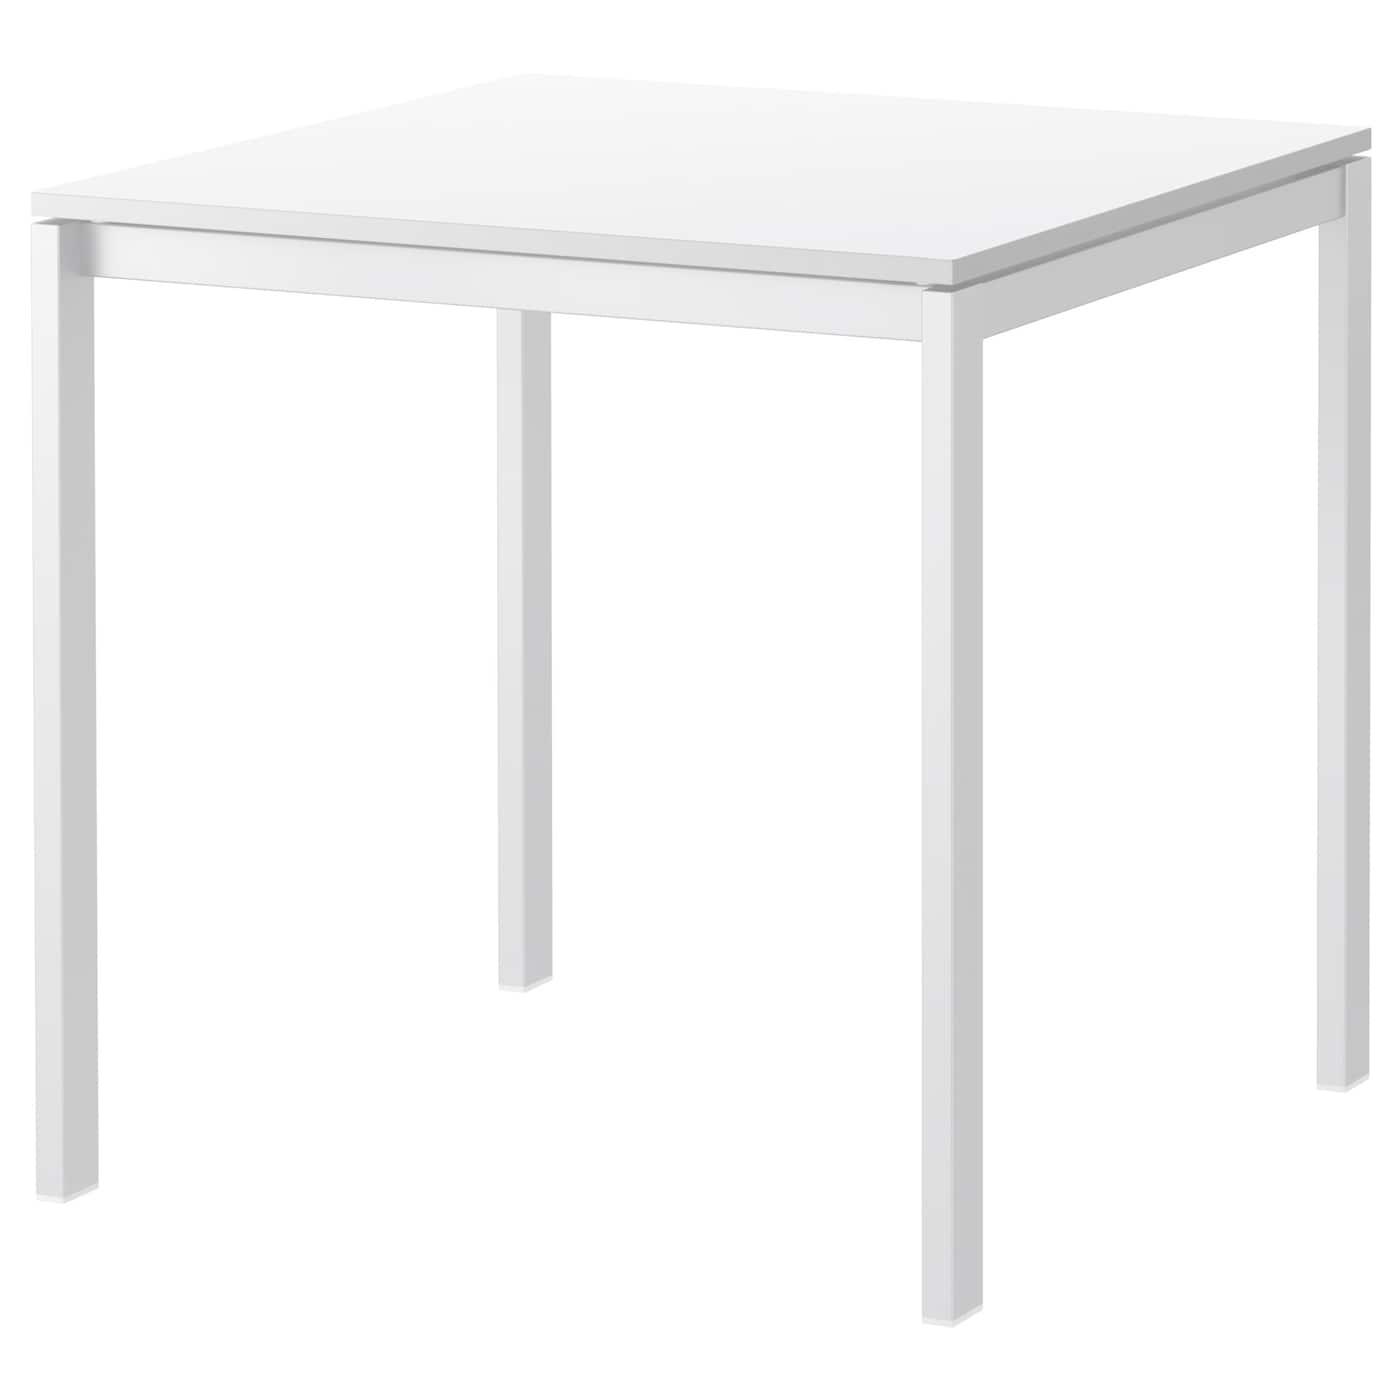 Mesas, Mesas de cocina, Mesas de Dibujo, Escritorios... | Compra ...